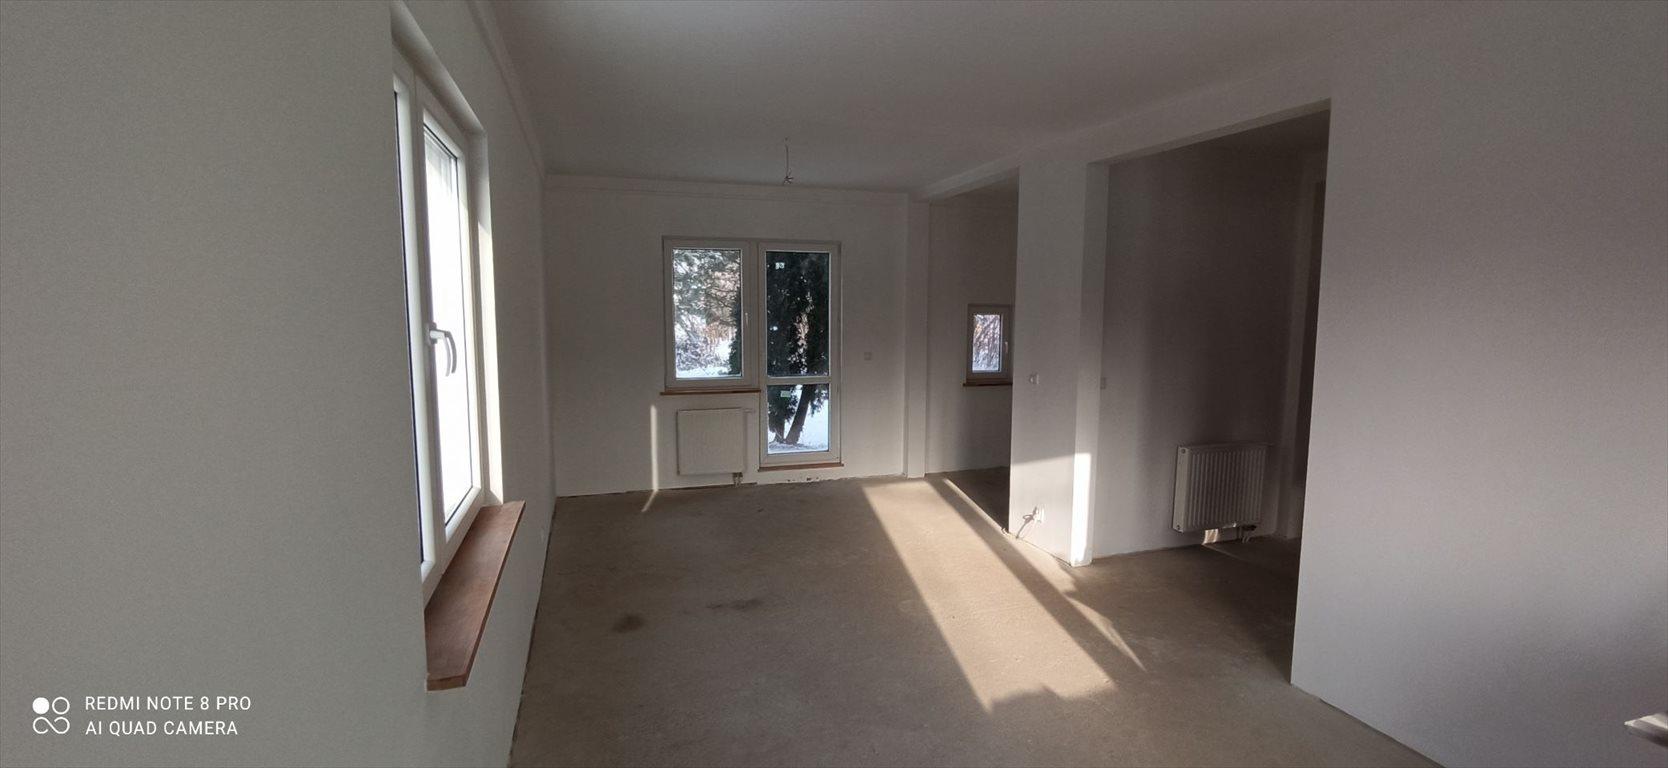 Dom na sprzedaż Ożarów Mazowiecki, Wolskie, Wolskie  145m2 Foto 3